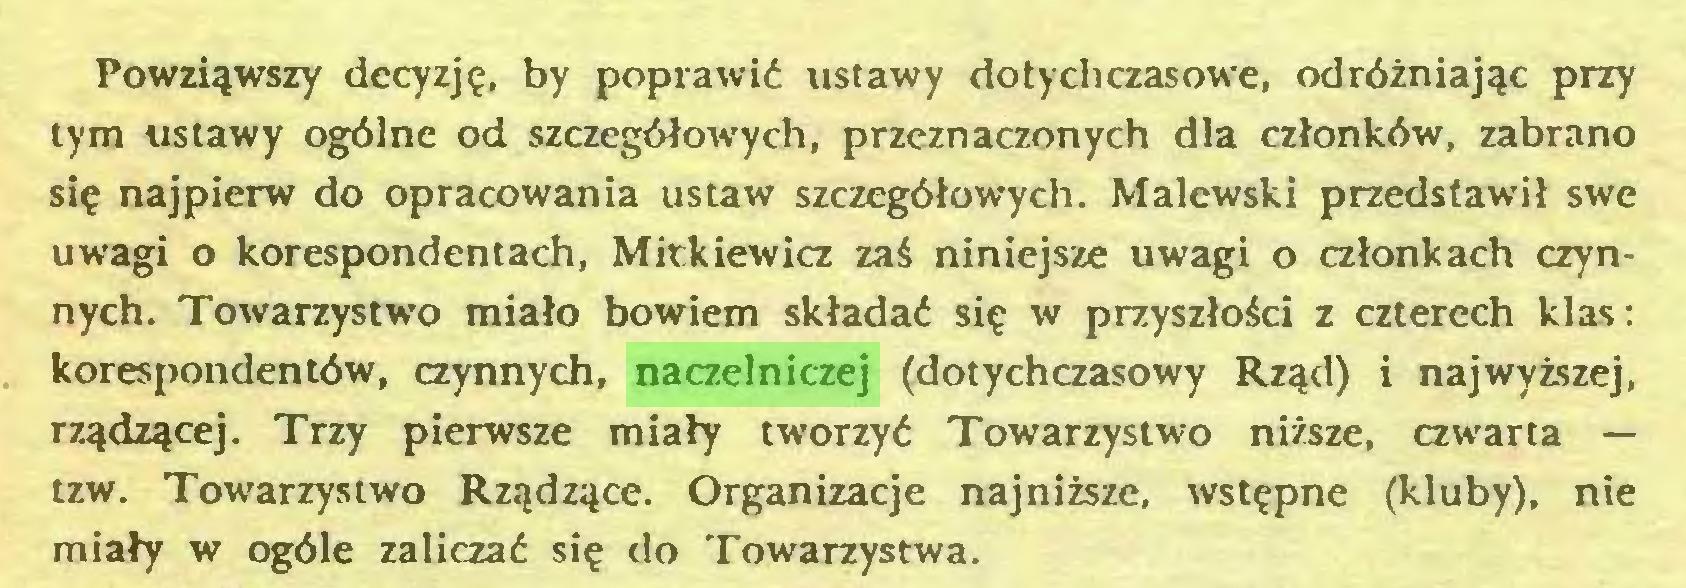 (...) Powziąwszy decyzję, by poprawić ustawy dotychczasowe, odróżniając przy tym ustawy ogólne od szczegółowych, przeznaczonych dla członków, zabrano się najpierw do opracowania ustaw szczegółowych. Malewski przedstawił swe uwagi o korespondentach, Mickiewicz zaś niniejsze uwagi o członkach czynnych. Towarzystwo miało bowiem składać się w przyszłości z czterech klas: korespondentów, czynnych, naczelniczej (dotychczasowy Rząd) i najwyższej, rządzącej. Trzy pierwsze miały tworzyć Towarzystwa niższe, czwarta — tzw. Towarzystwo Rządzące. Organizacje najniższe, wstępne (kluby), nie miały w ogóle zaliczać się do Towarzystwa...